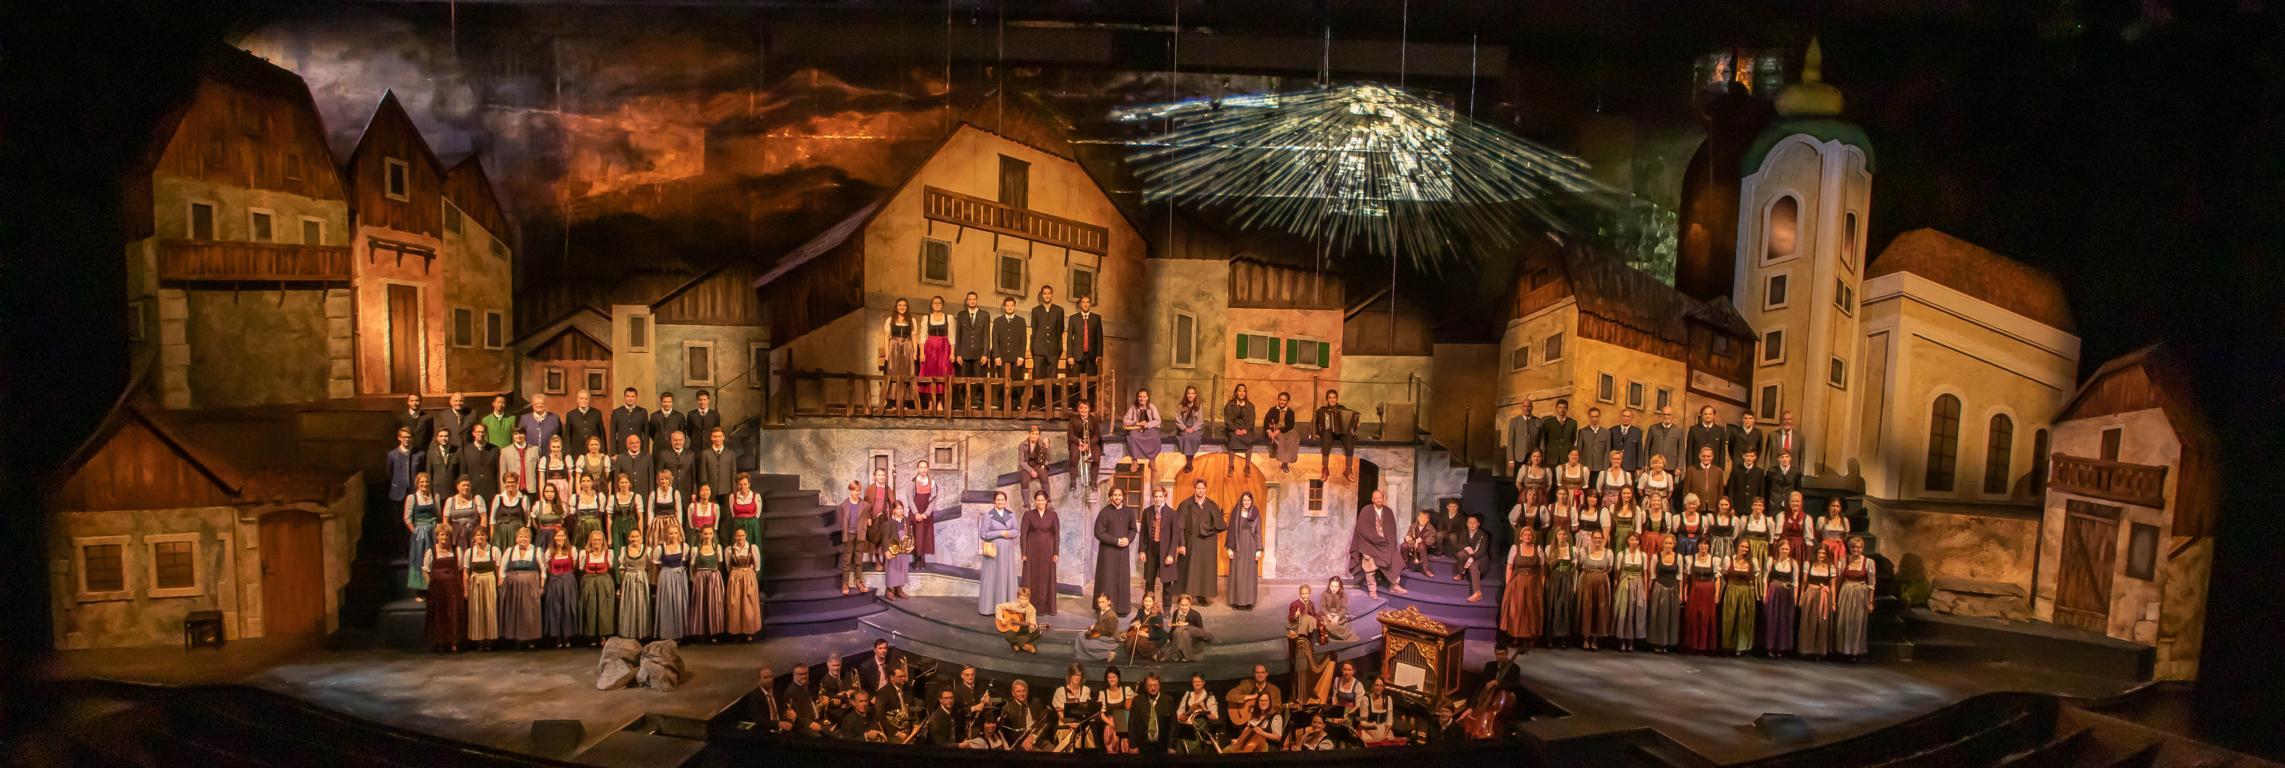 Salzburger Adventsingen im Großen Festspielhaus mit der historischen Kulisse von Oberdorf (2)